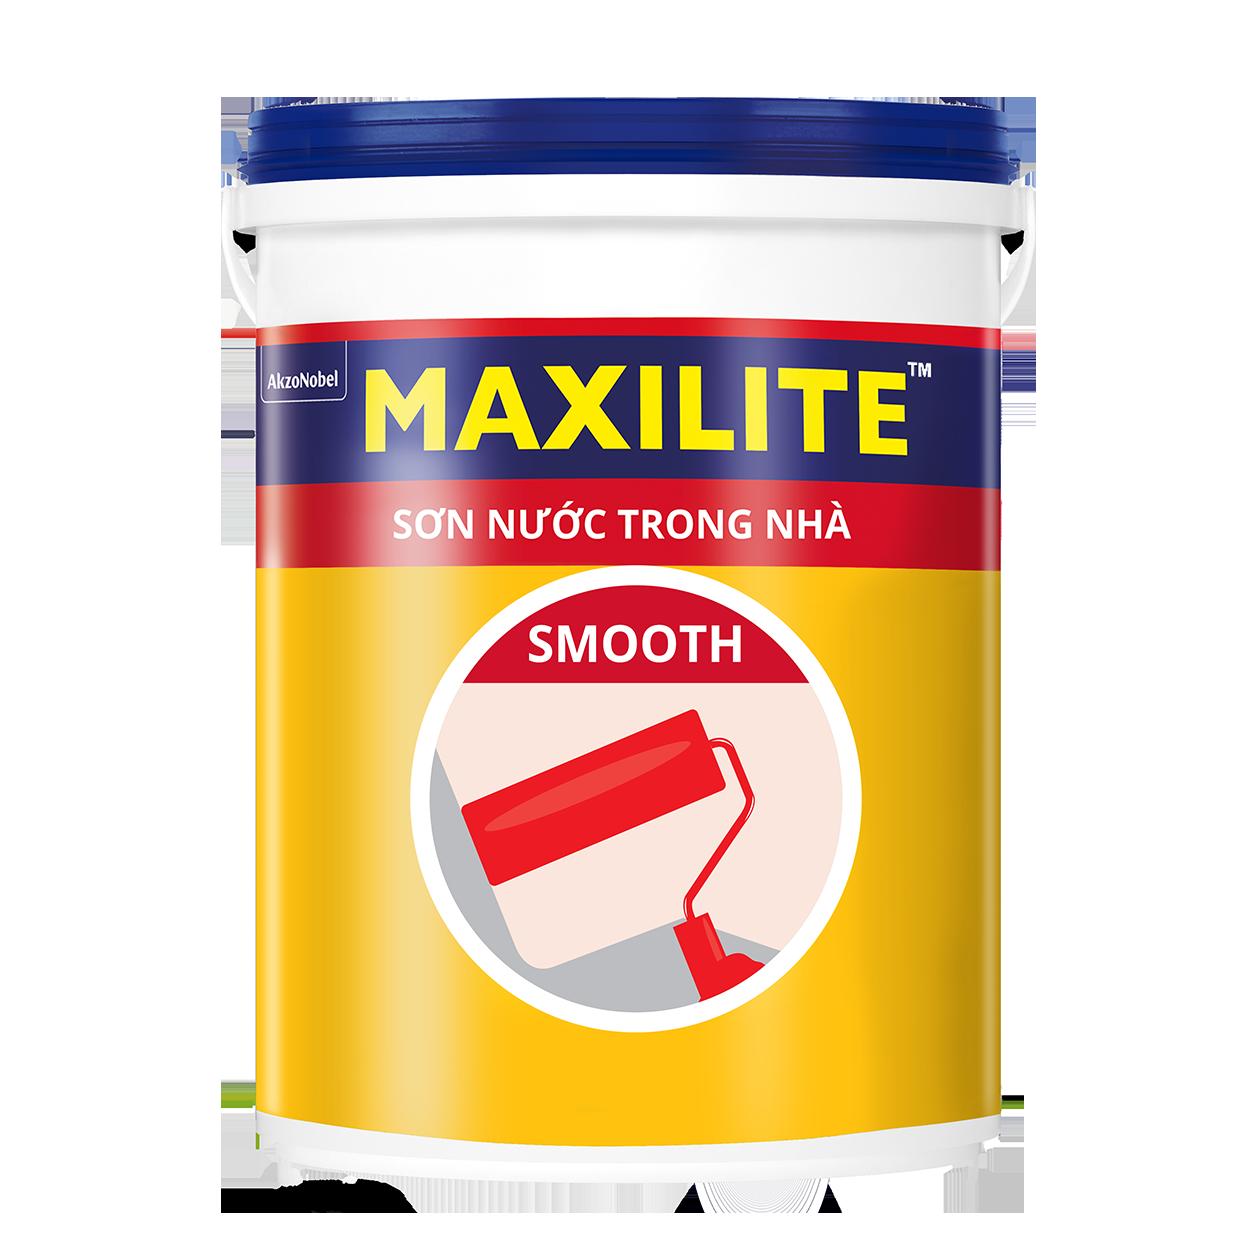 Sơn Nước Trong Nhà Maxilite Smooth